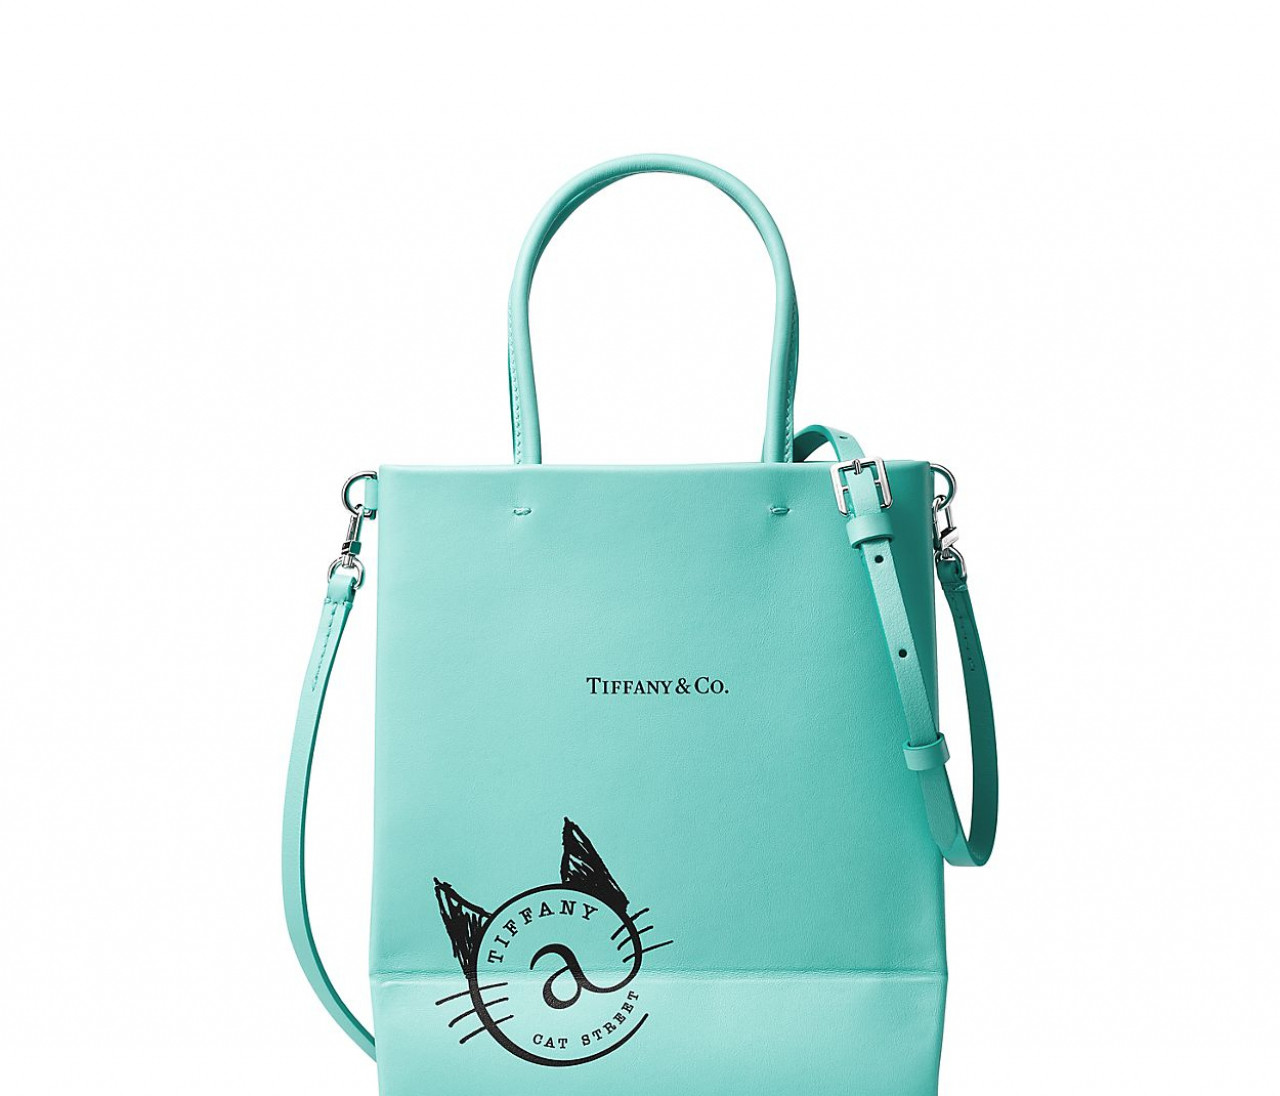 【「ティファニー@キャットストリート」限定のレザーバッグ登場】モチーフはショッピングバッグ